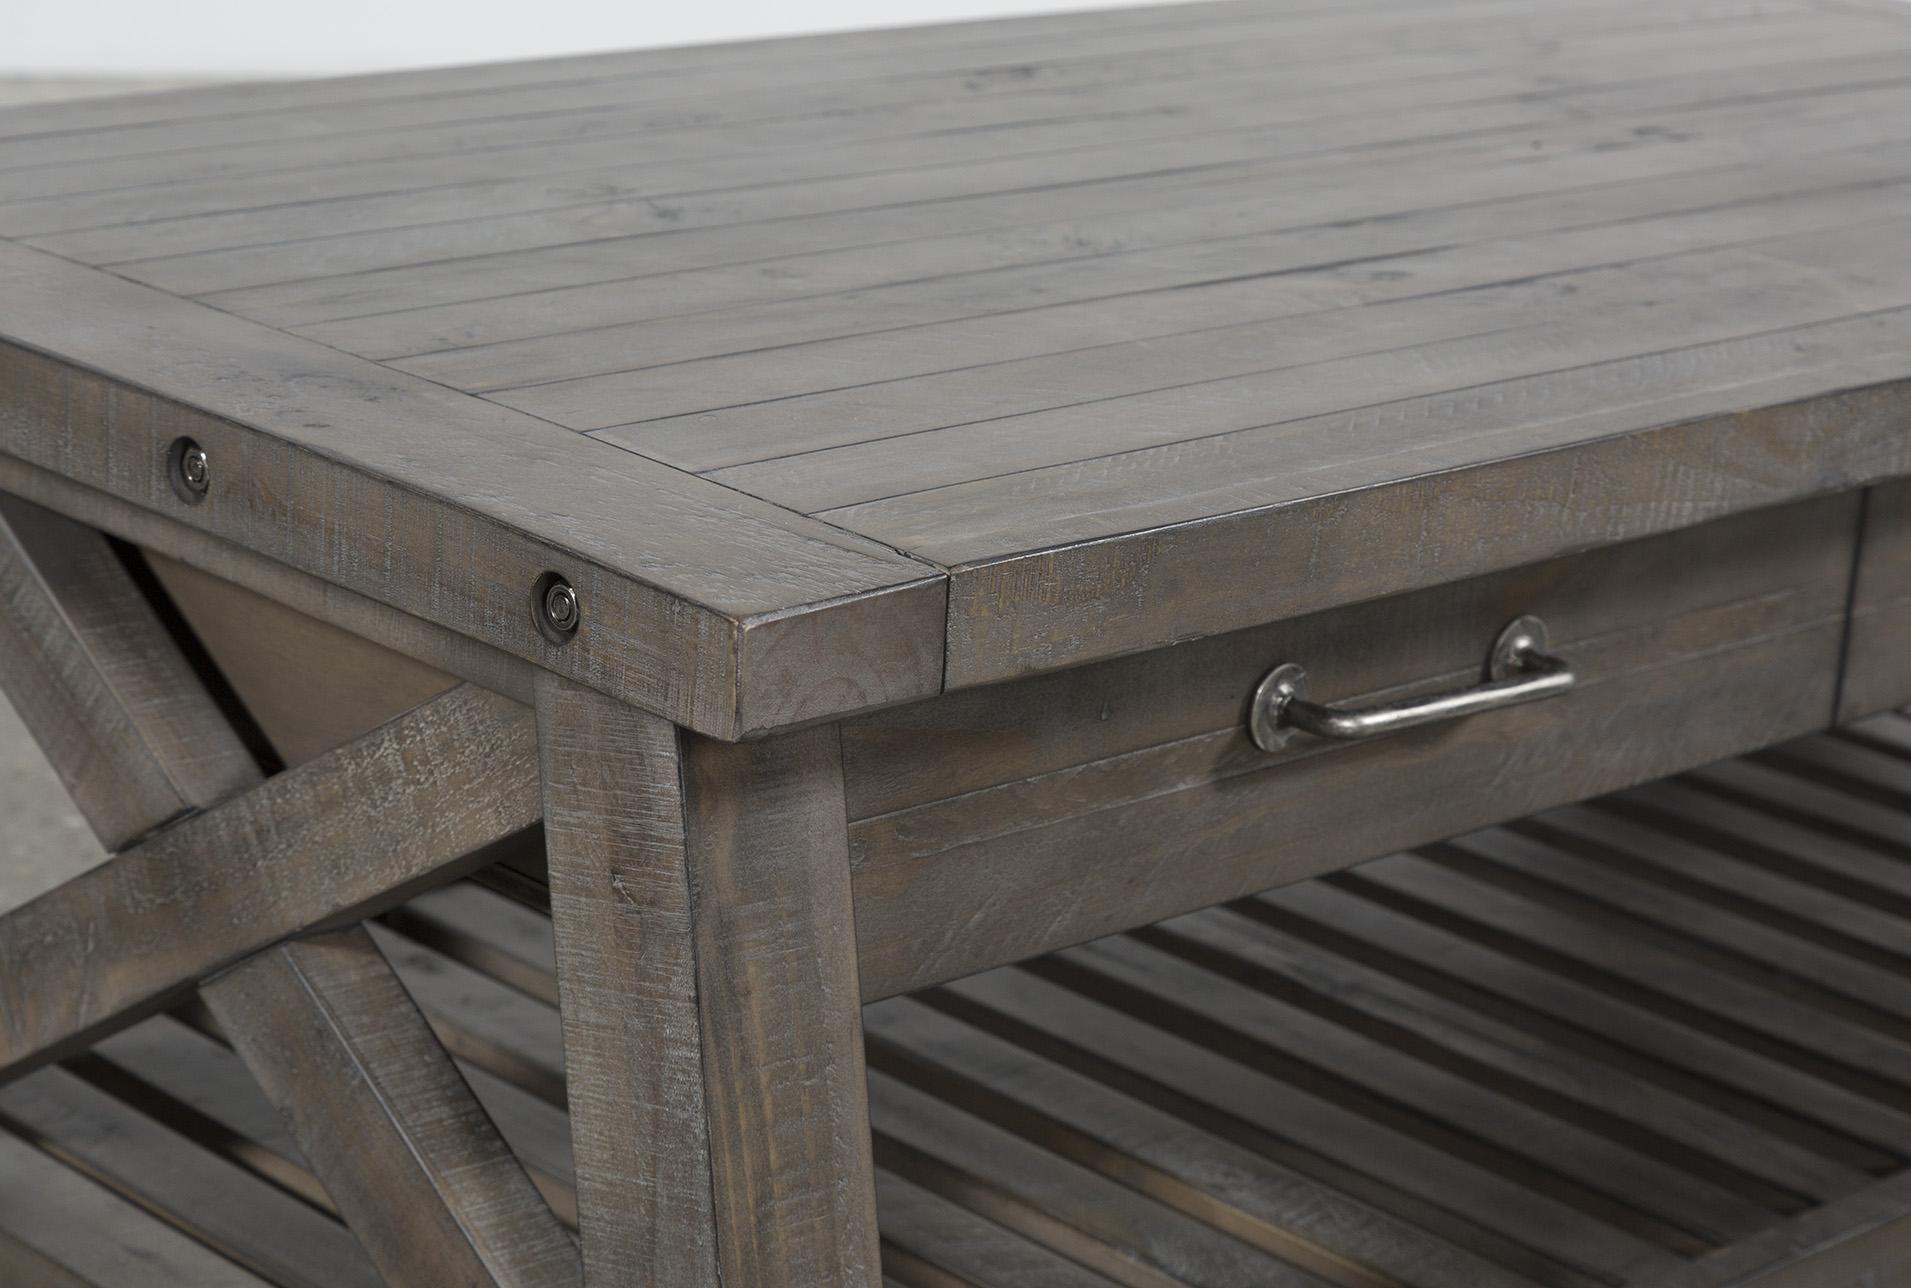 Jaxon Grey Lift Top Coffee Table In 2021 Coffee Table Living Spaces Perfect Coffee Table Coffee Table [ 1288 x 1911 Pixel ]